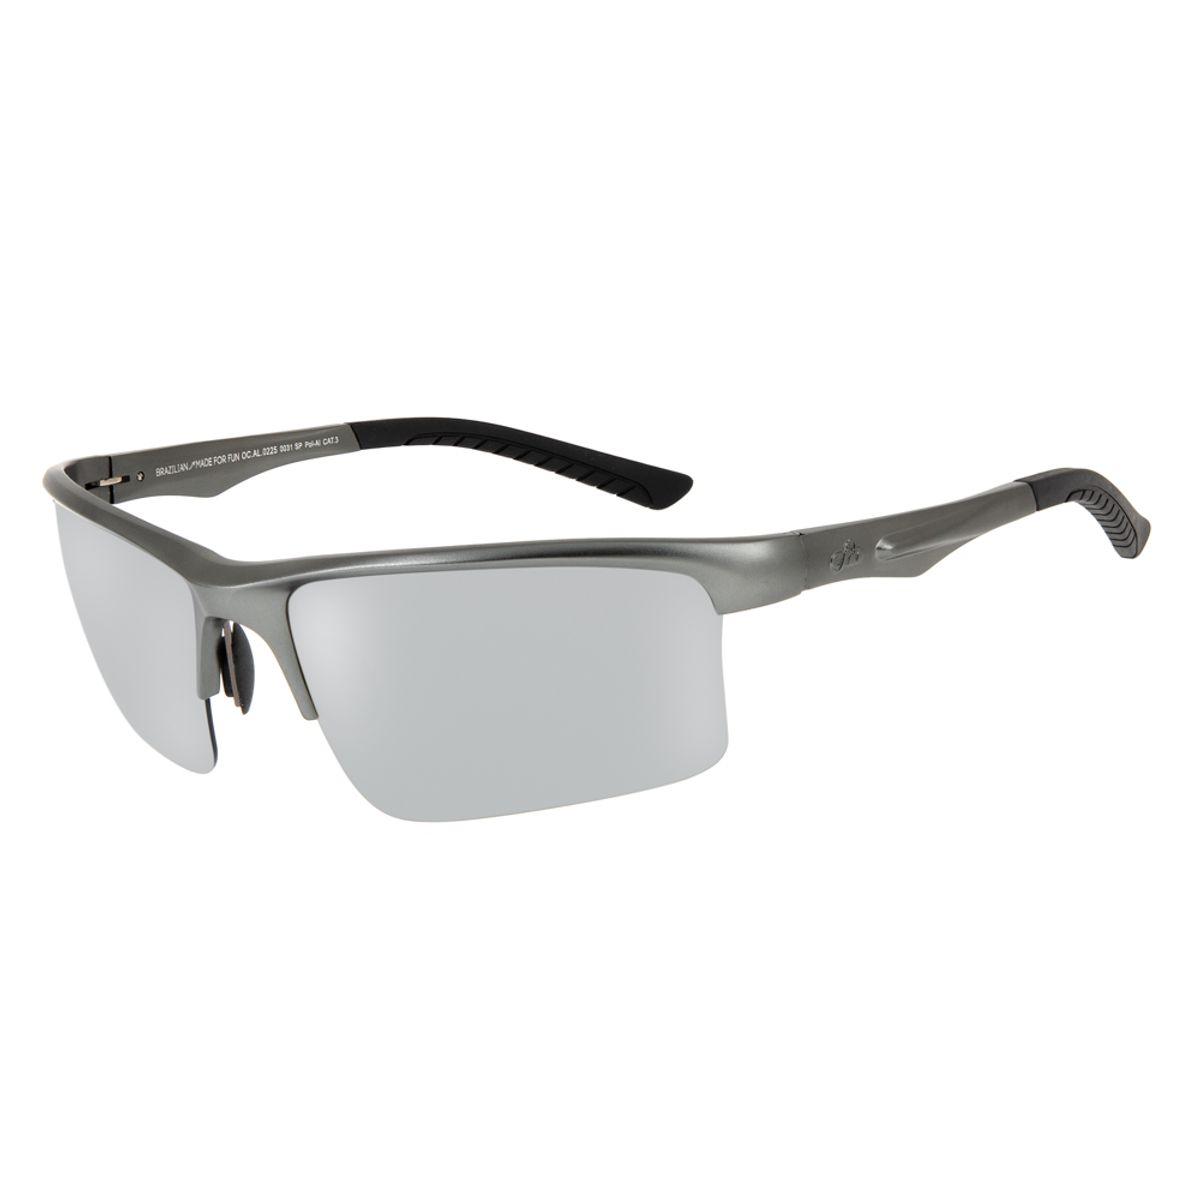 5d10956f5 Óculos de Sol Chilli Beans Esportivo Masculino Polarizado Preto Fosco 0225  - OC.AL.0225.0031 M